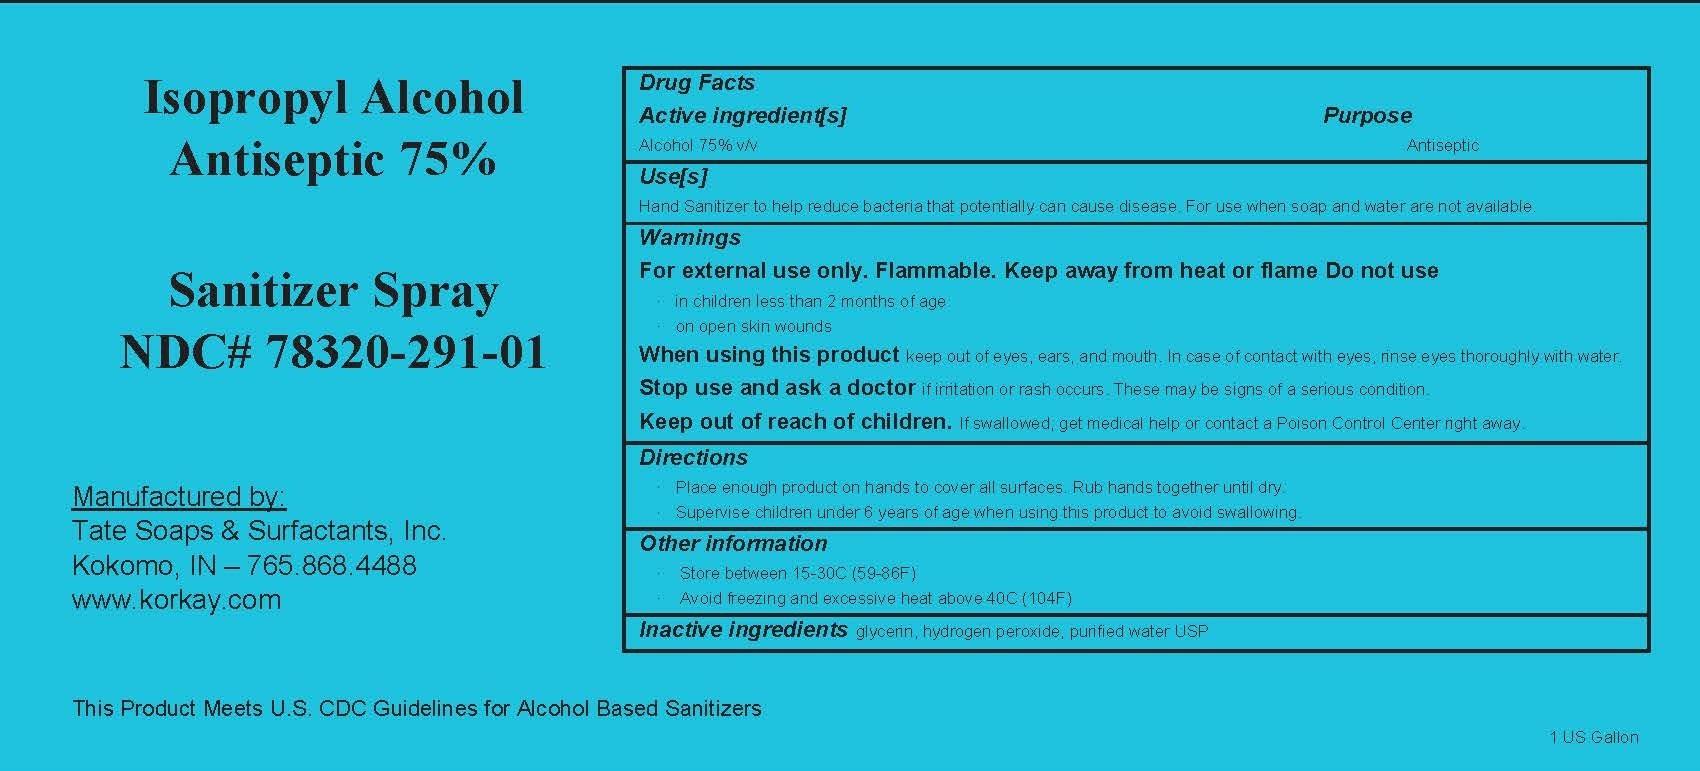 1 gallon label